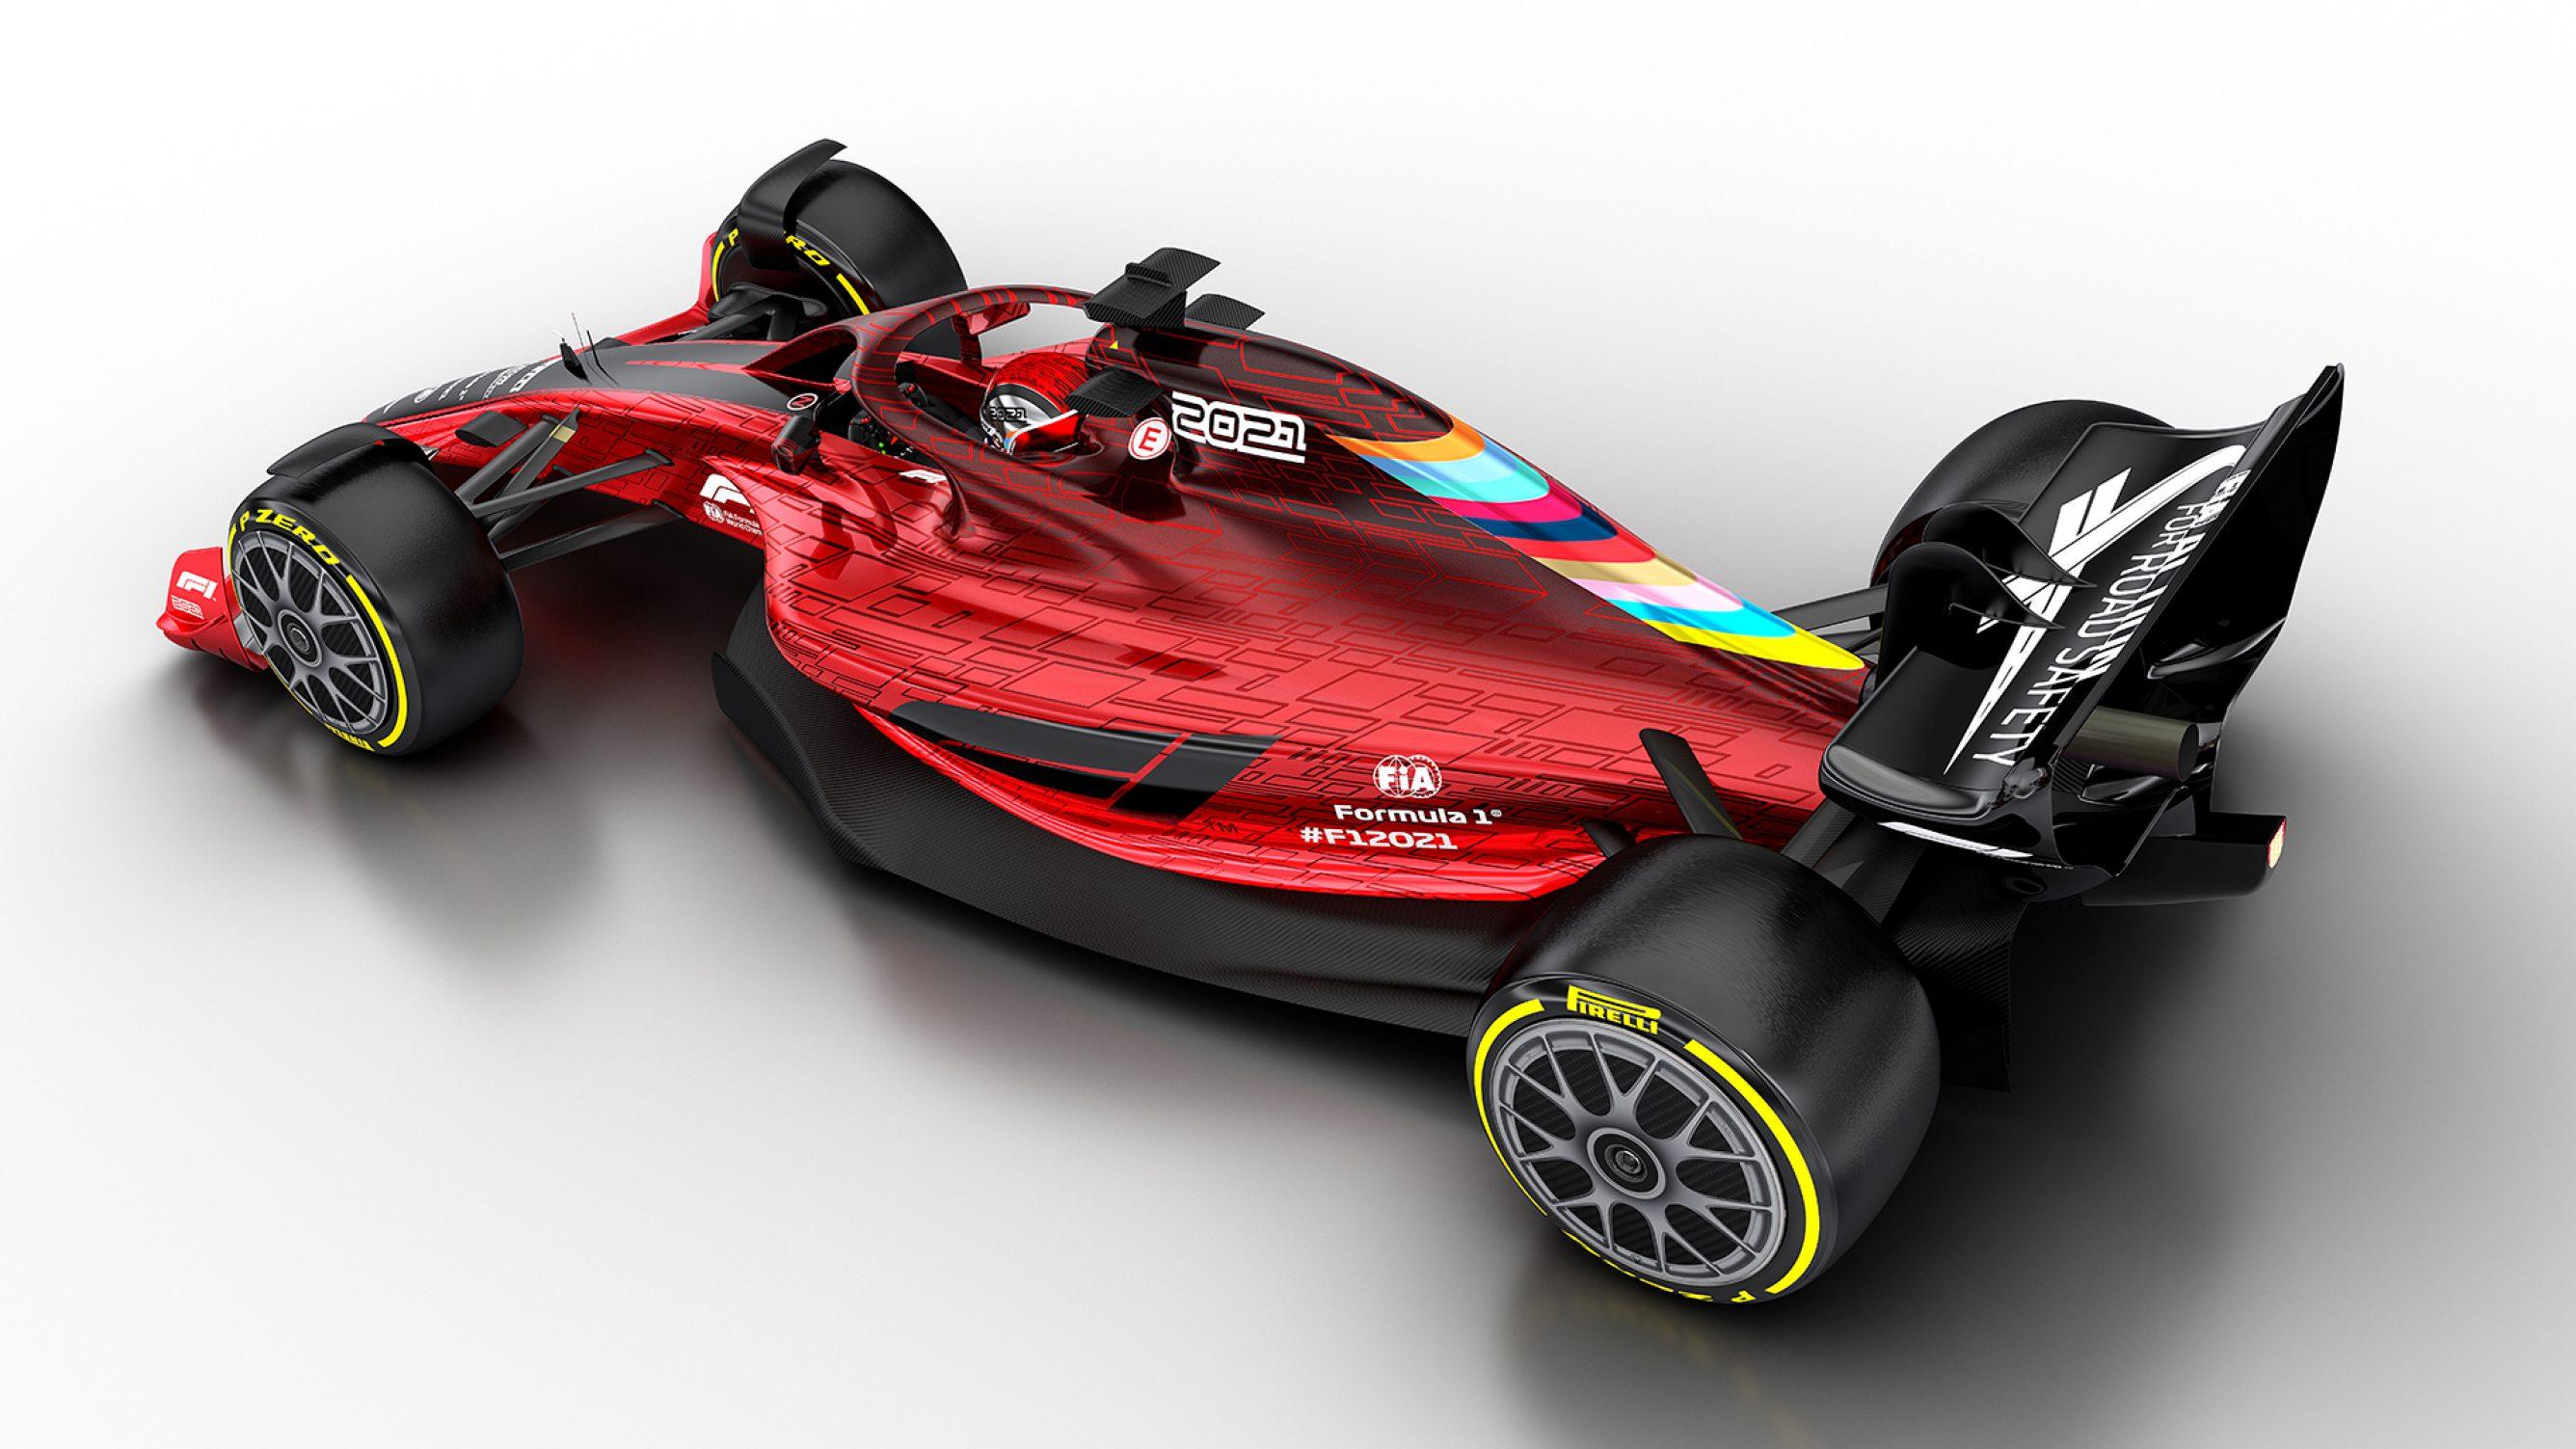 New F1 car photos